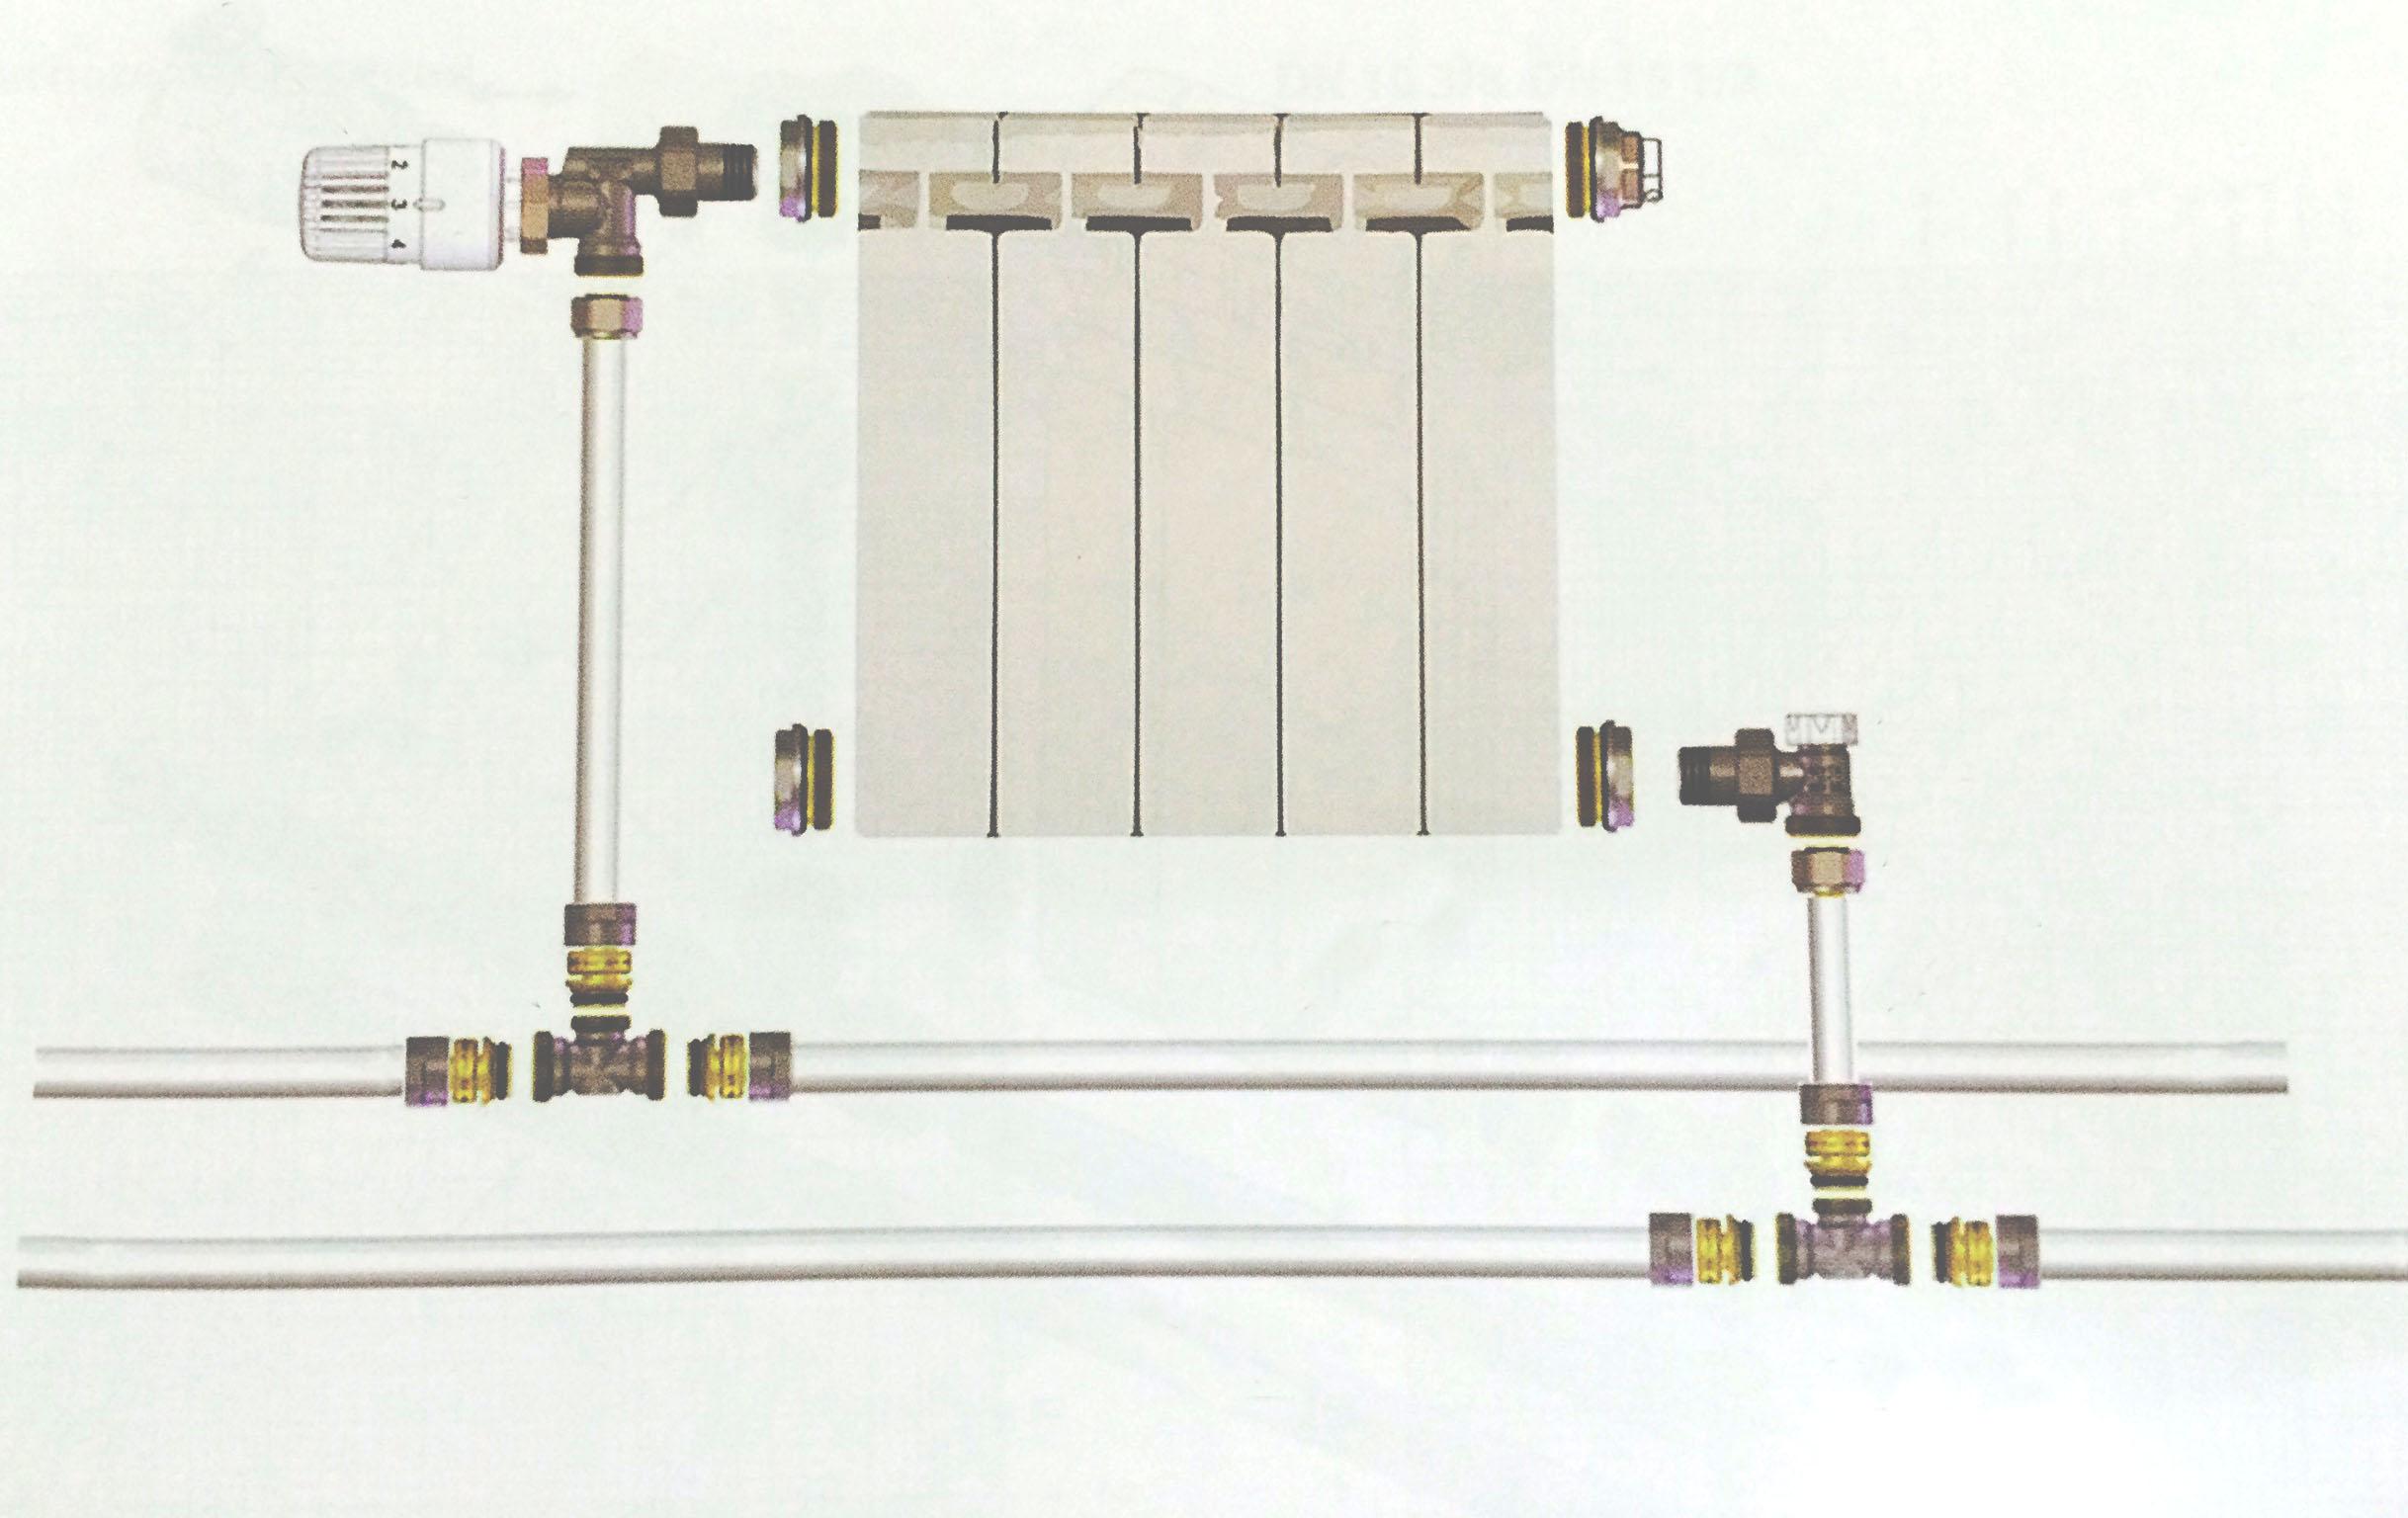 подключение батареи, батарея двухтрубная система с термоголовкой, схема подключения радиатора, радиатор в двутрубной системе отопления, установка радиатора на стене двутрубная система, батарея в квартире схема, батарея в частном доме схема, схема подсоединения батареи в доме, батарея с термоголовкой схема подключения